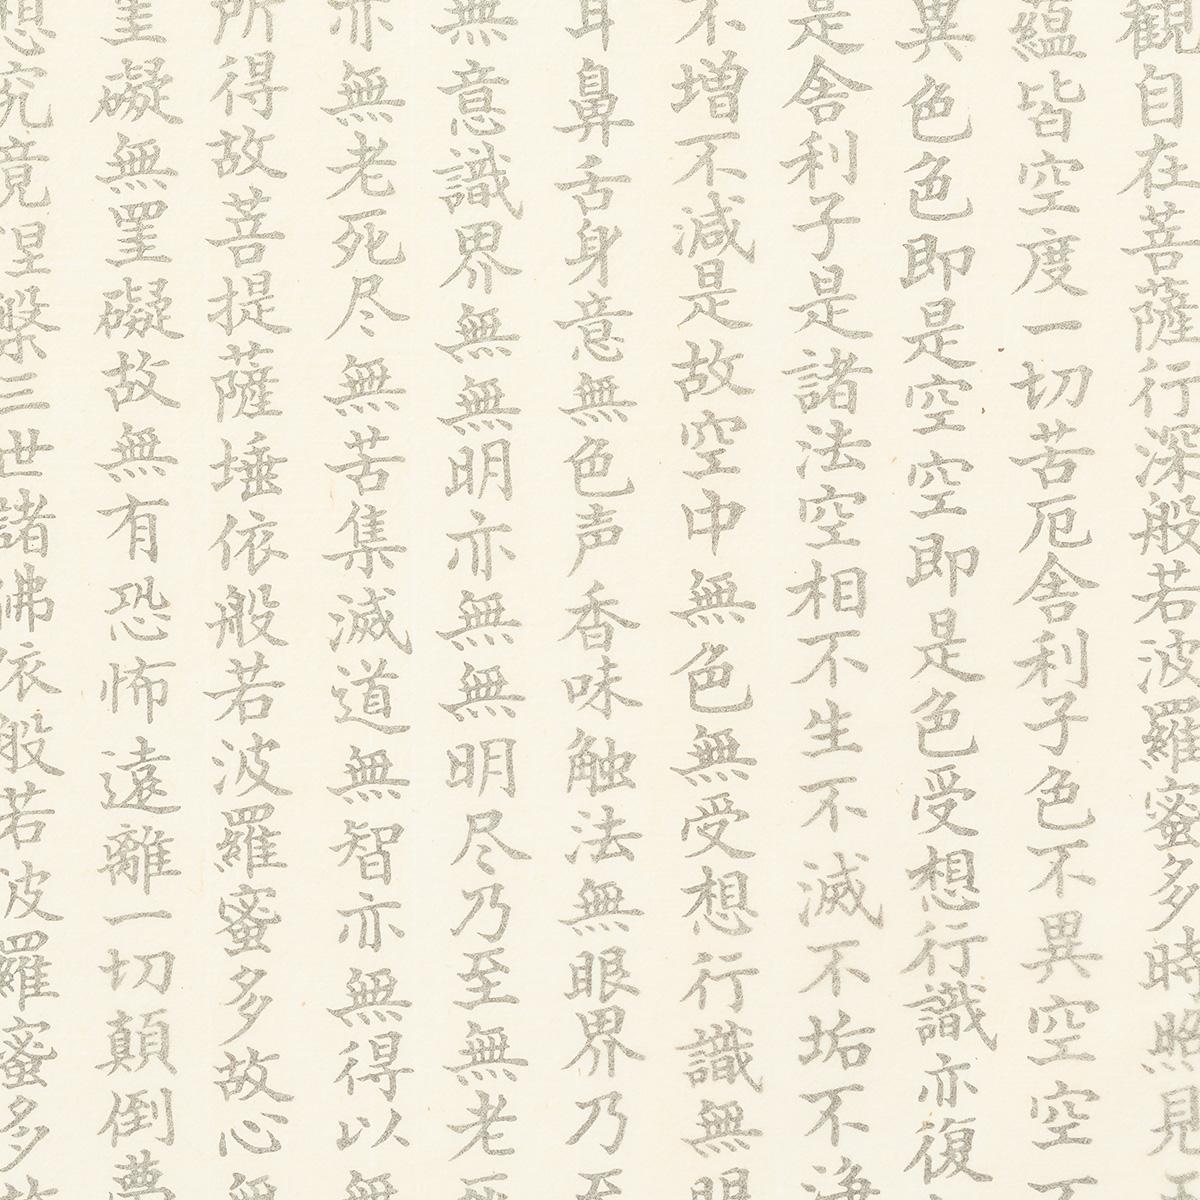 横野 写経用紙